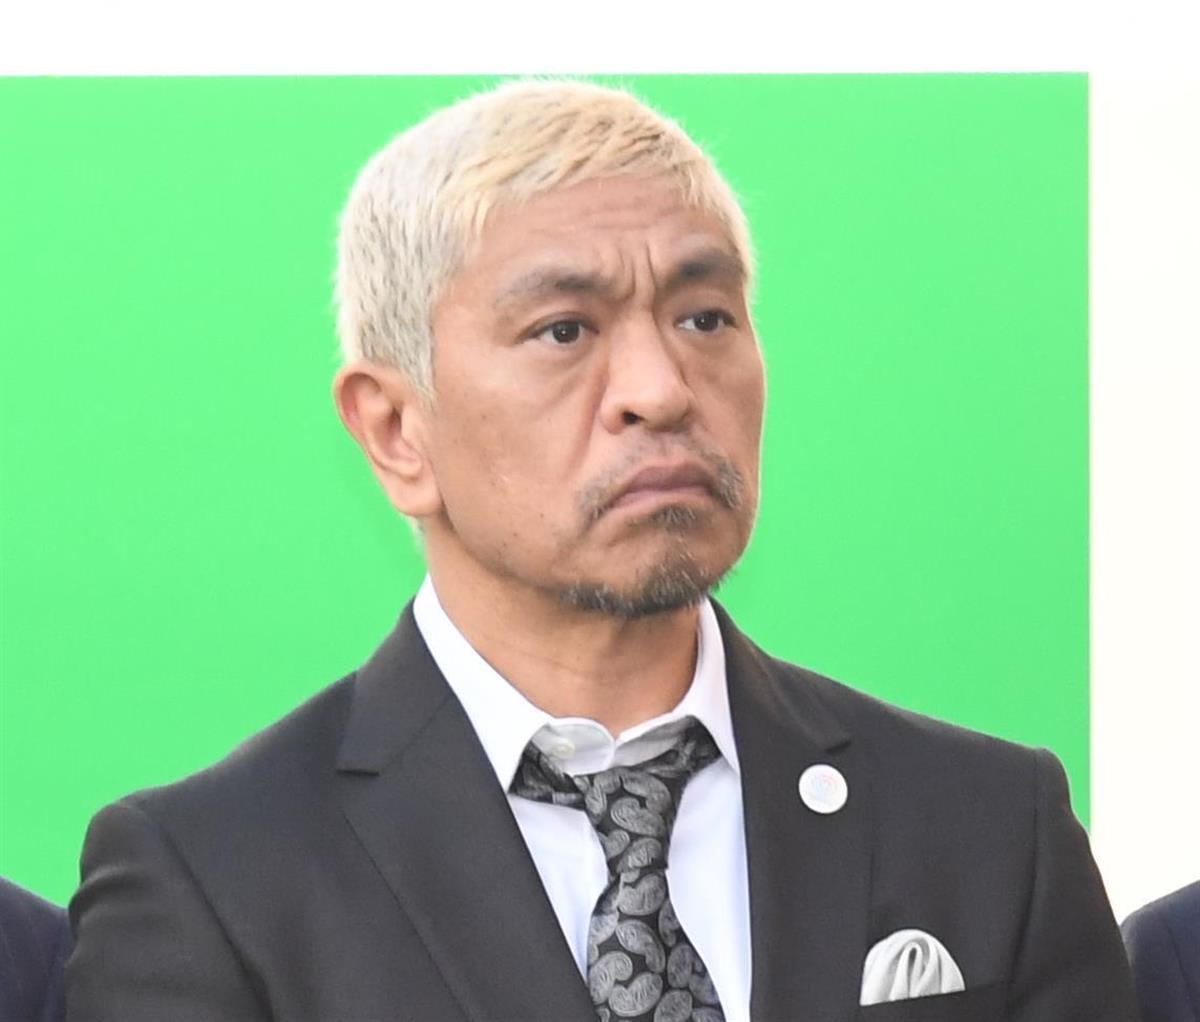 <独自>松本人志さんに殺害予告 容疑の男再逮捕、吉本関係先に…